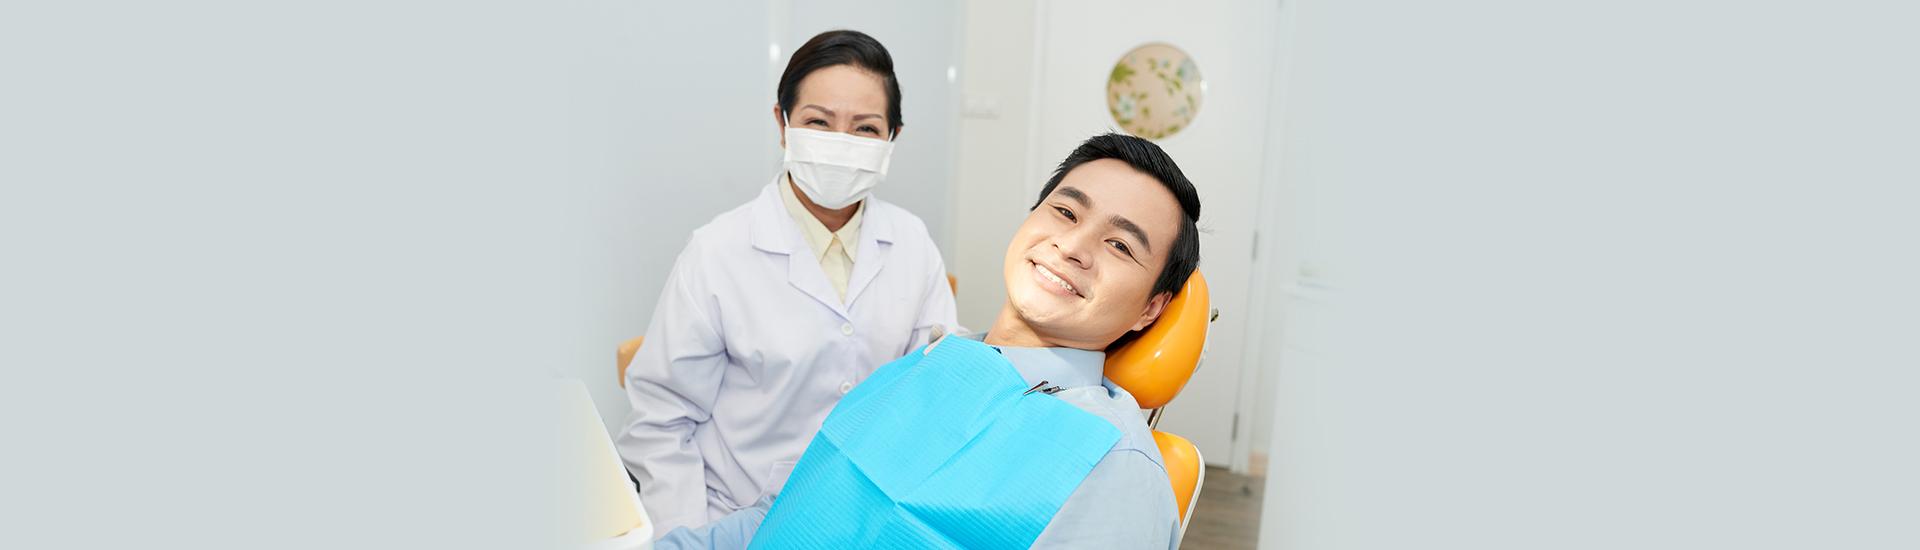 How Regular Dental Visits Can Help Prevent Oral Cancer